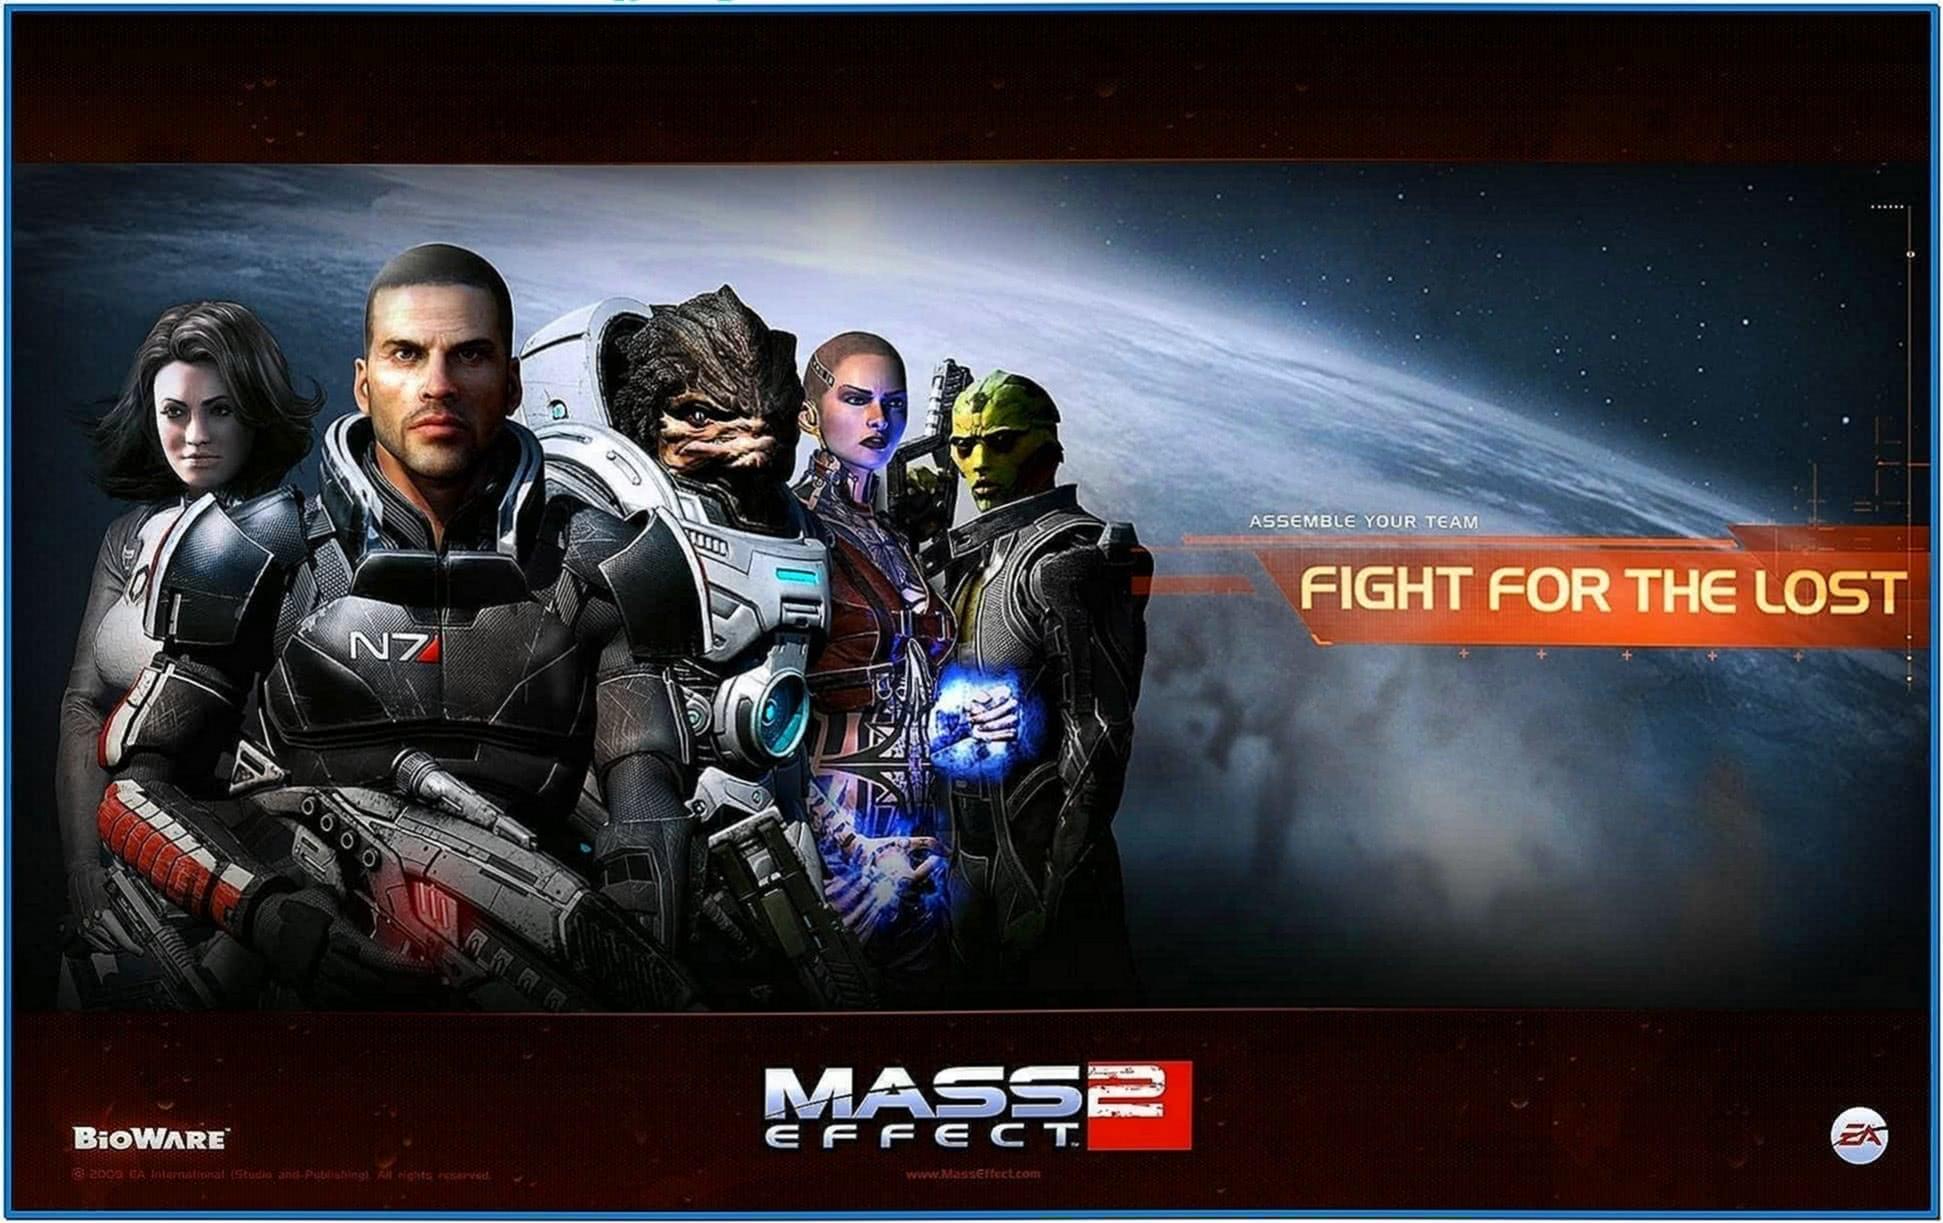 Mass Effect 2 Screensaver